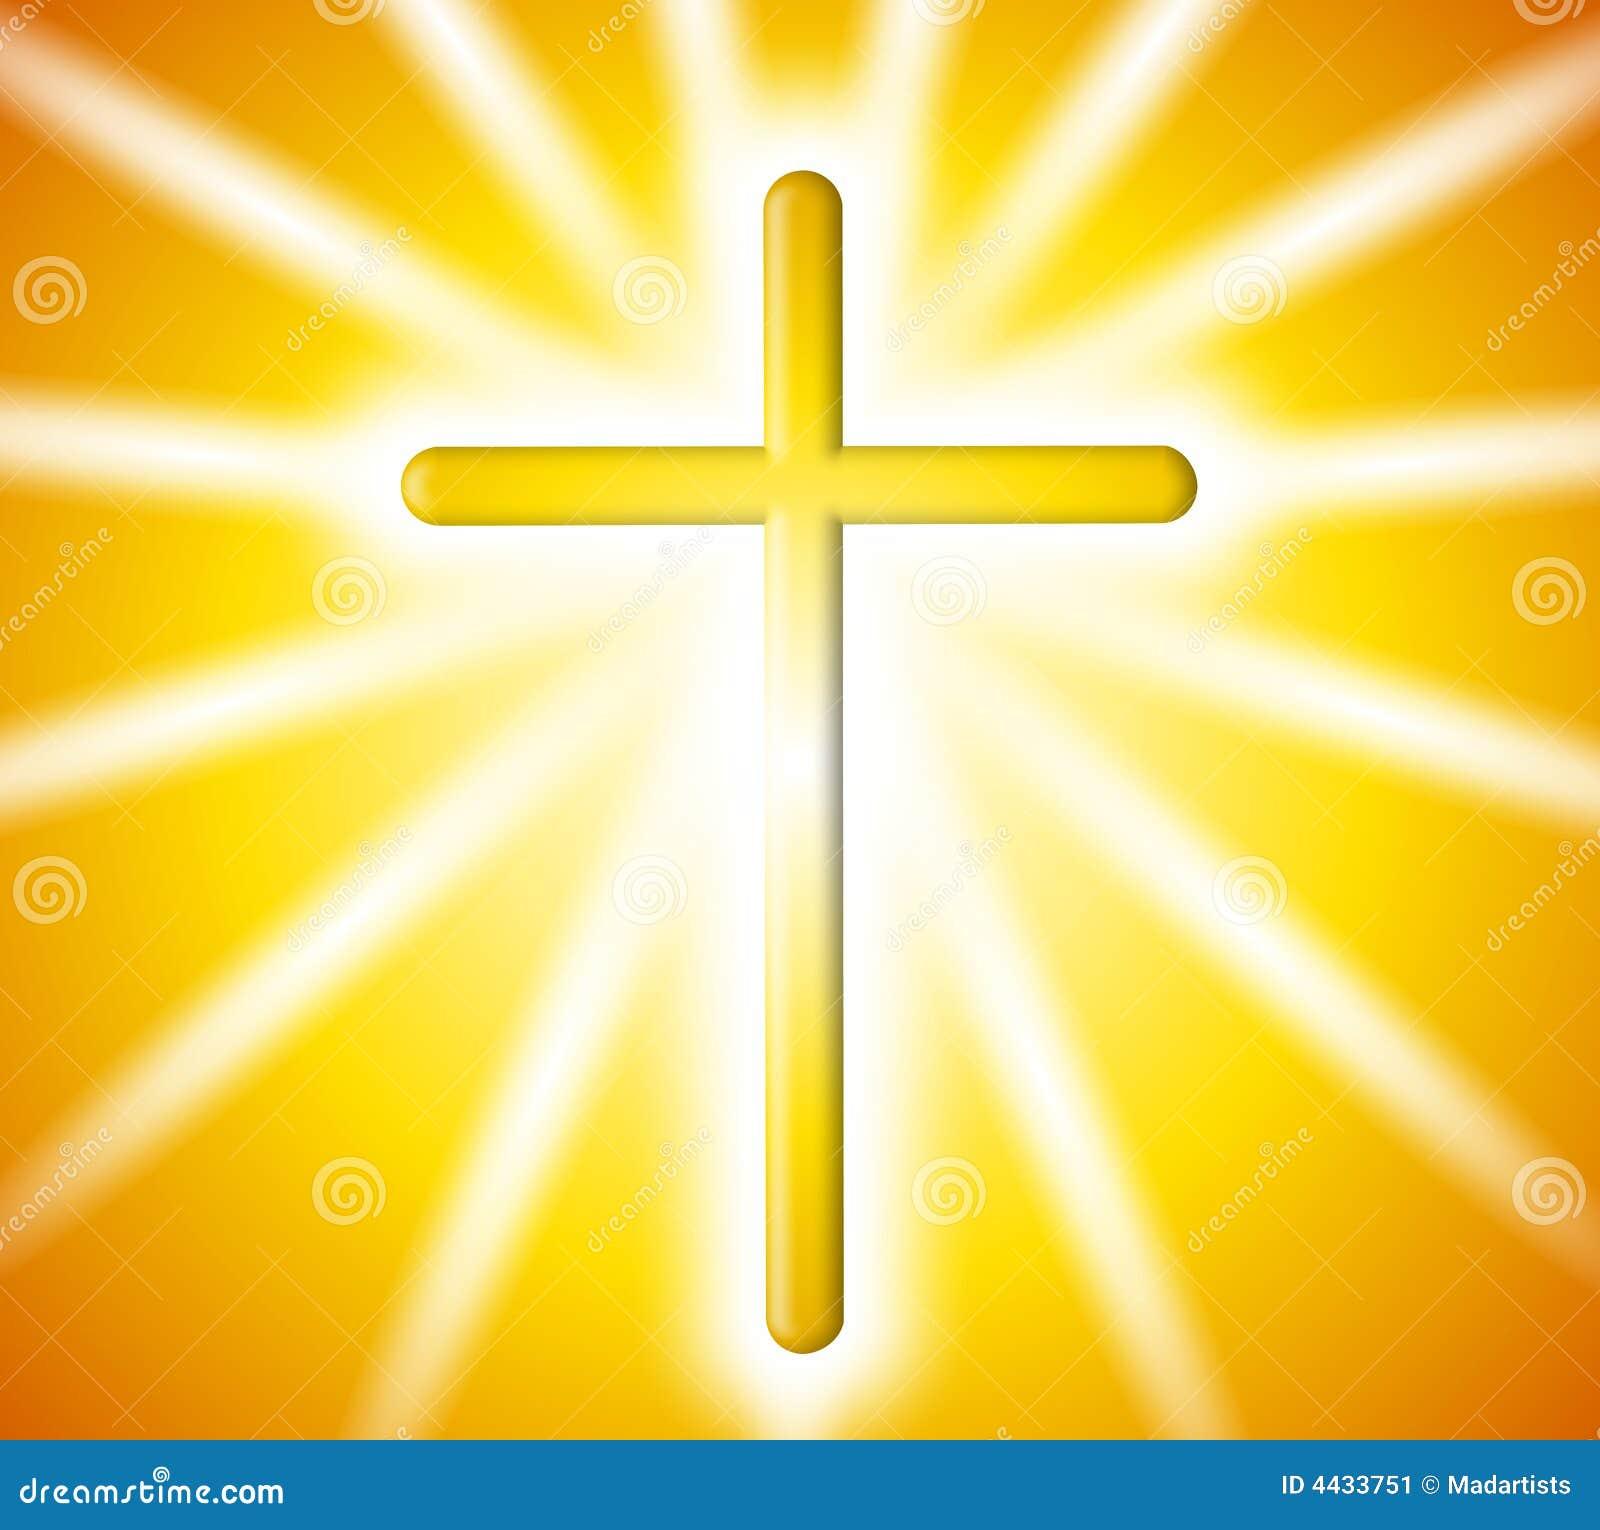 Golden Cross Light Rays Background Stock Illustration ... for Yellow Light Rays Background  53kxo